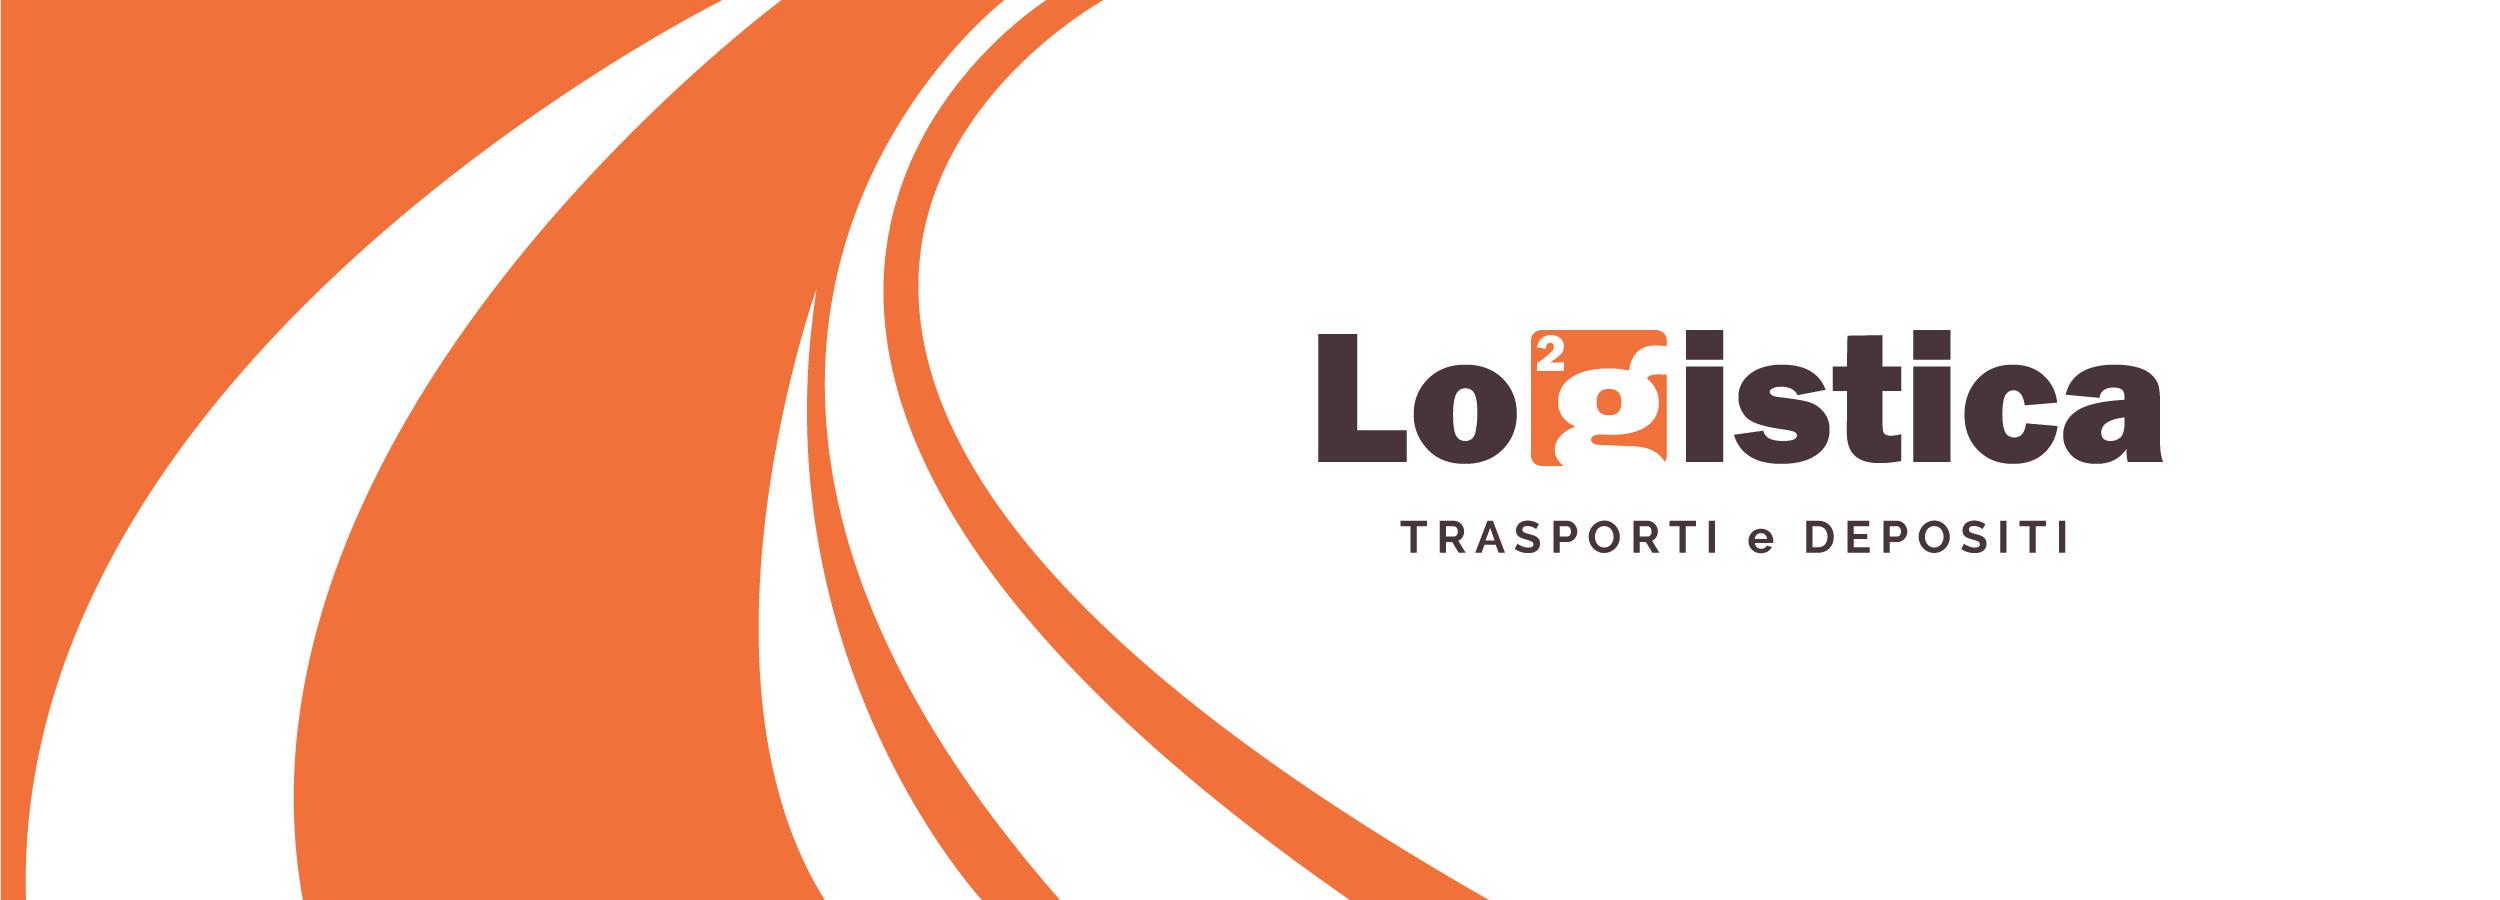 Homapage 2 G Trasporti e Logistica